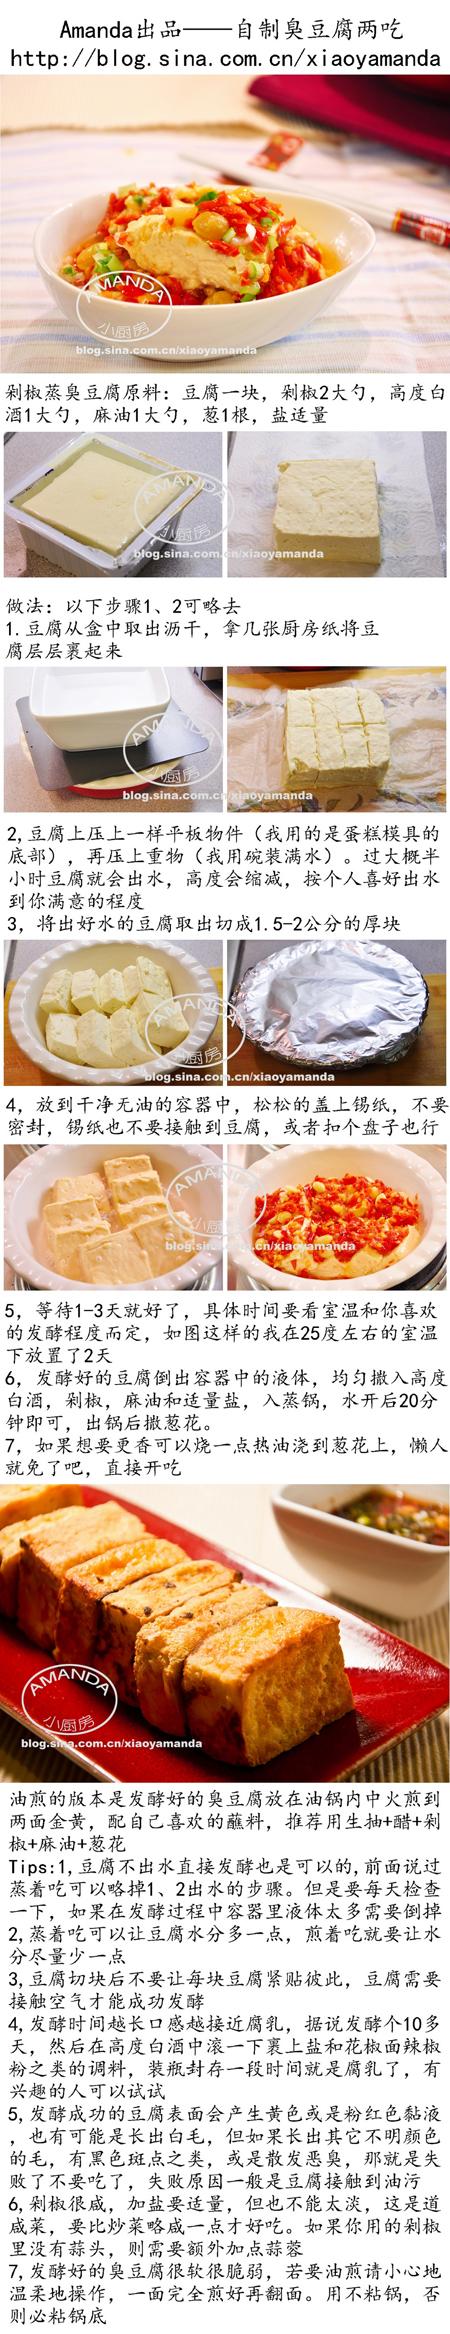 又一道压箱底的私房菜——自制臭豆腐(两种吃法)